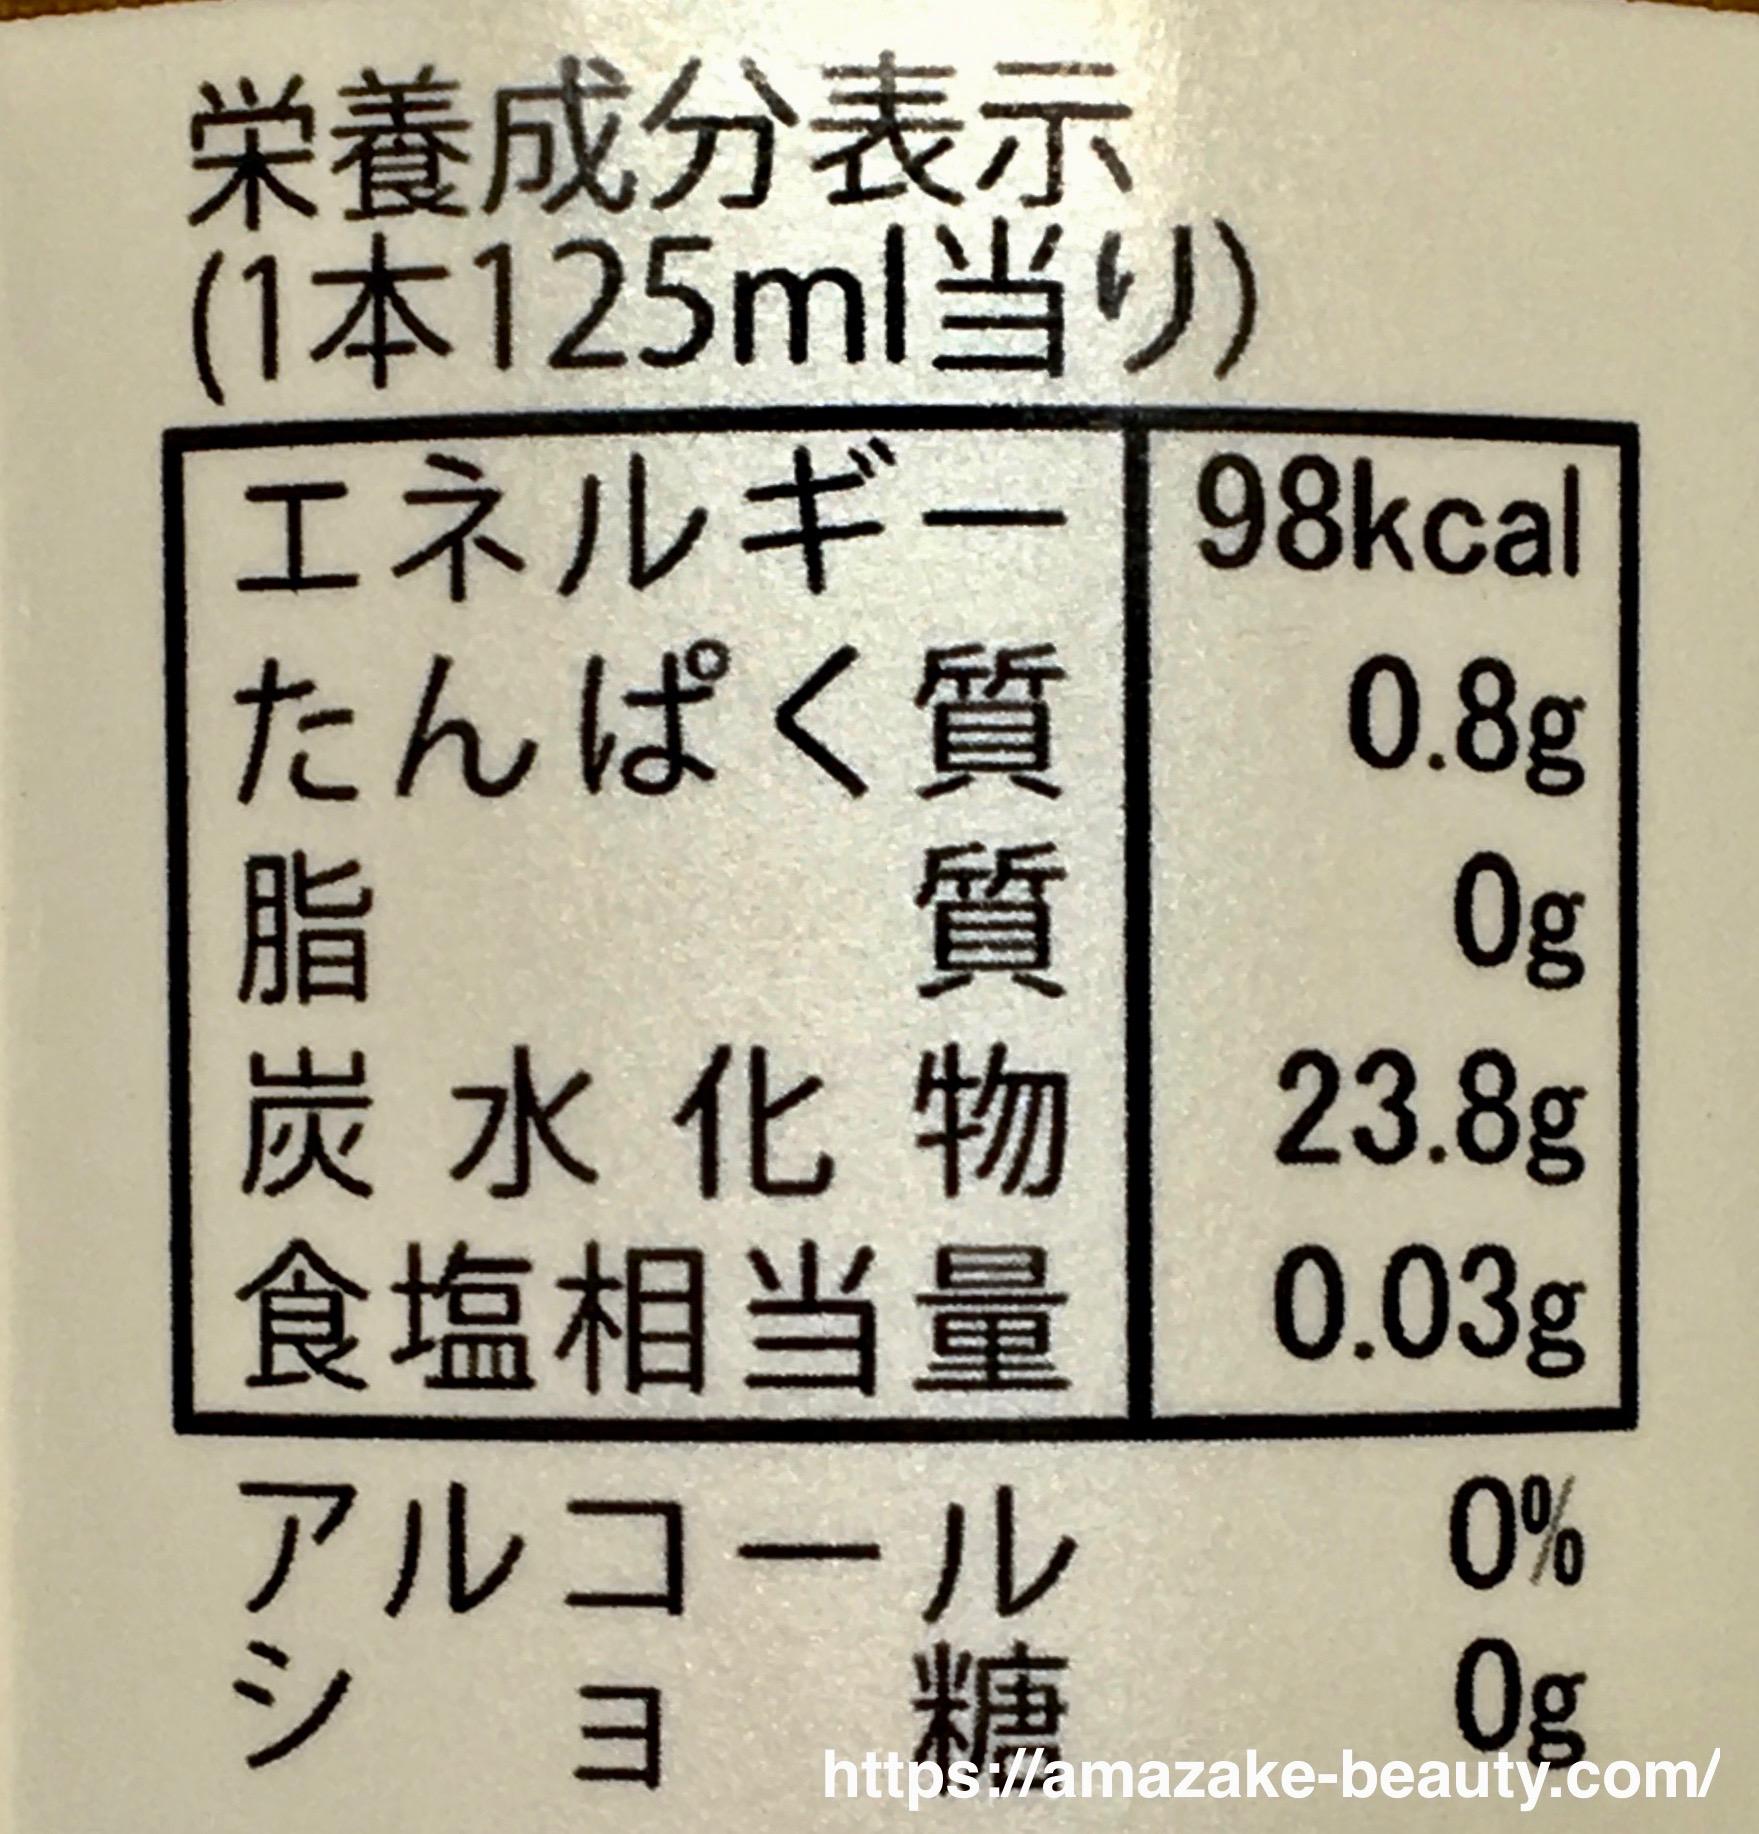 【甘酒】ハナマルキ『透きとおった甘酒』(栄養成分表示)